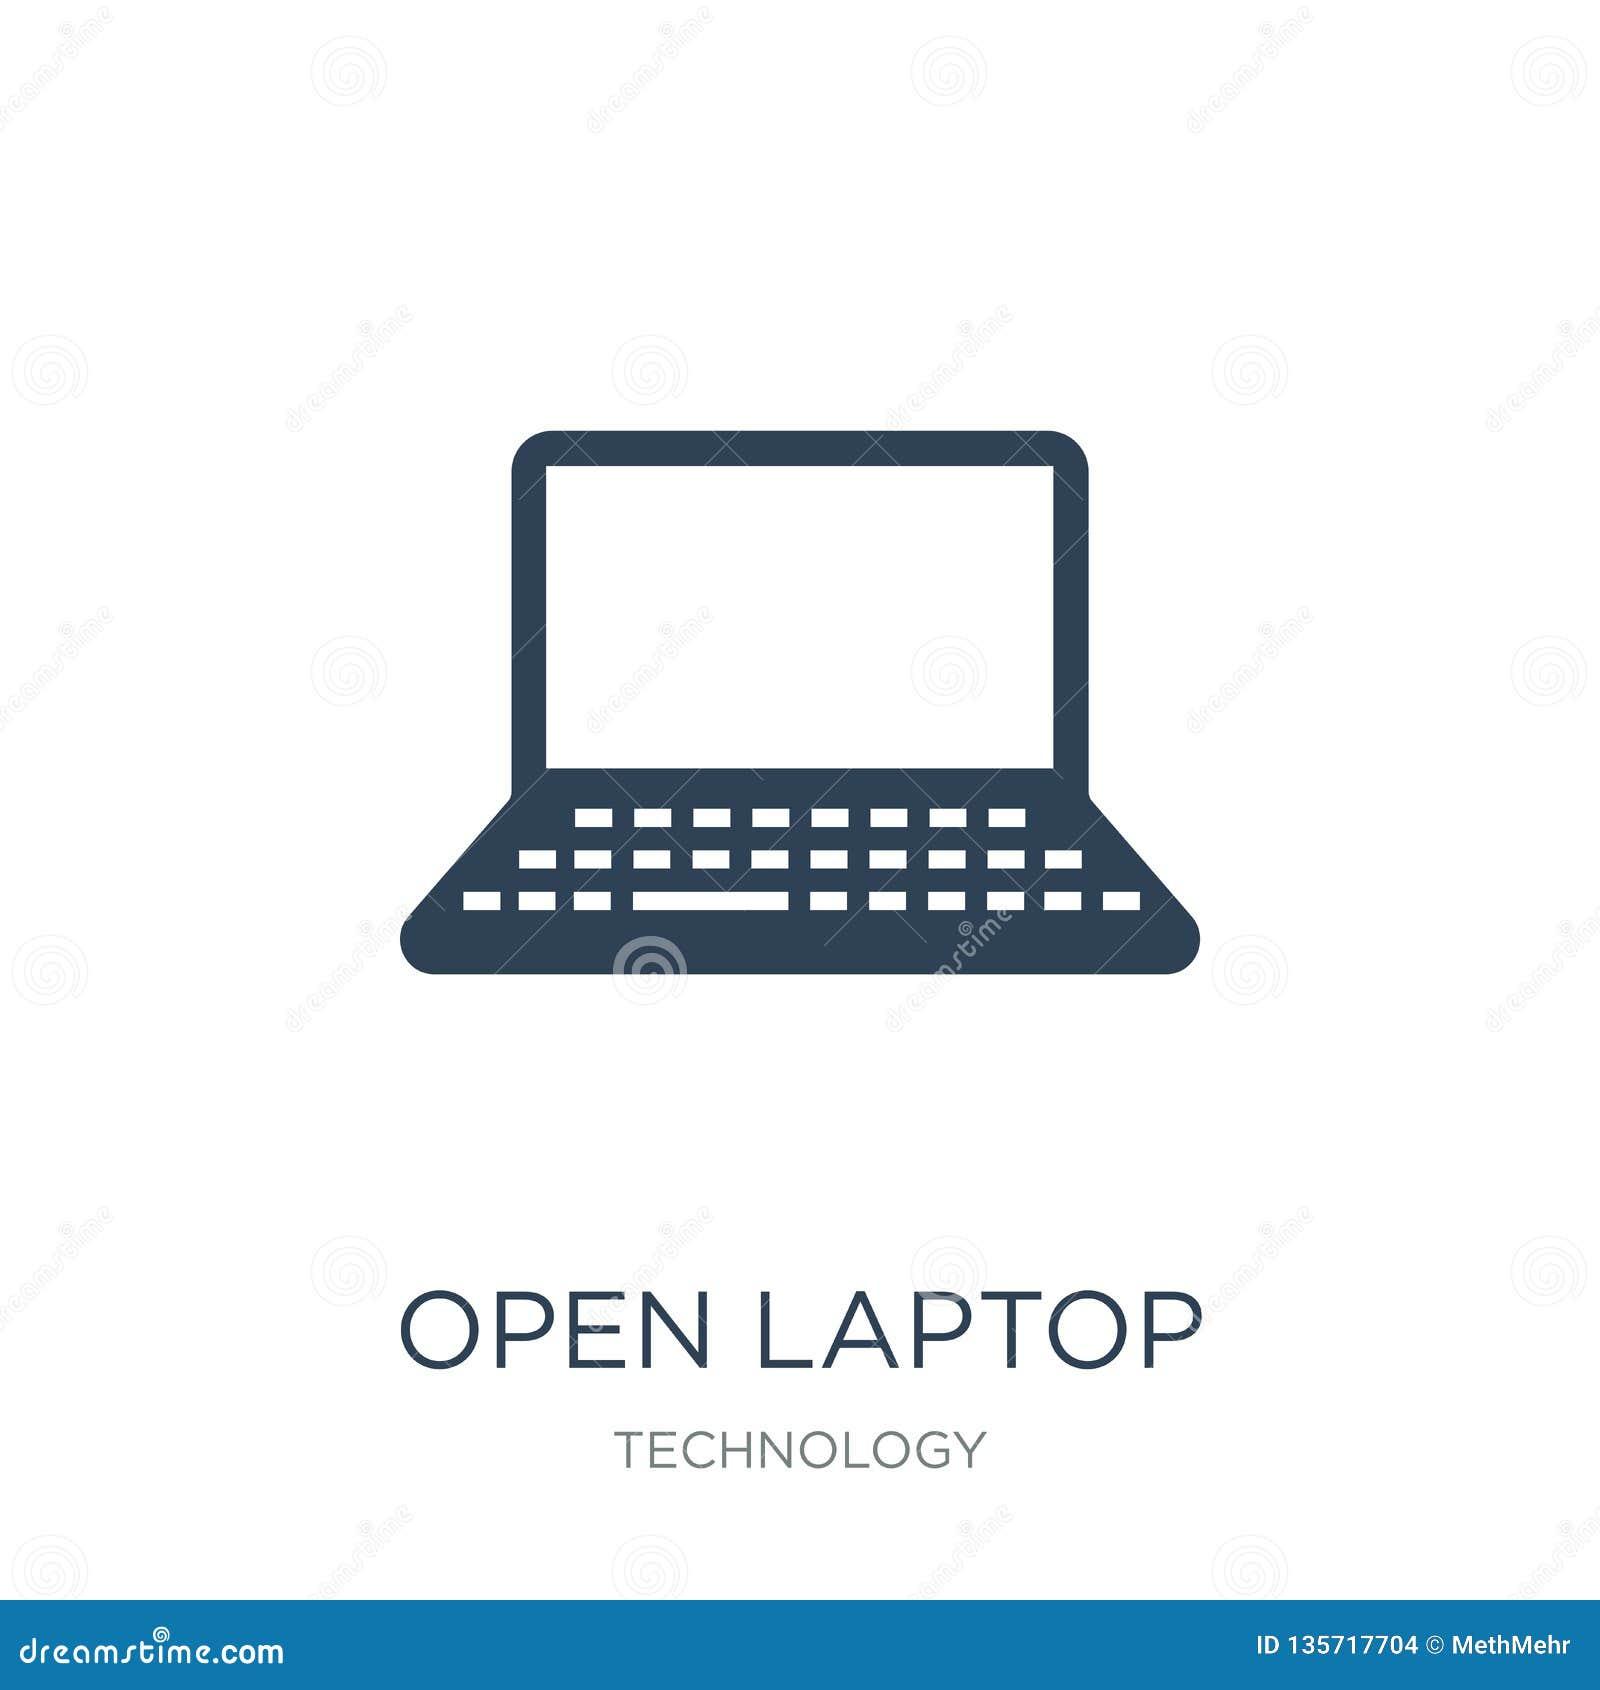 Icono abierto del ordenador portátil en estilo de moda del diseño icono abierto del ordenador portátil aislado en el fondo blanco